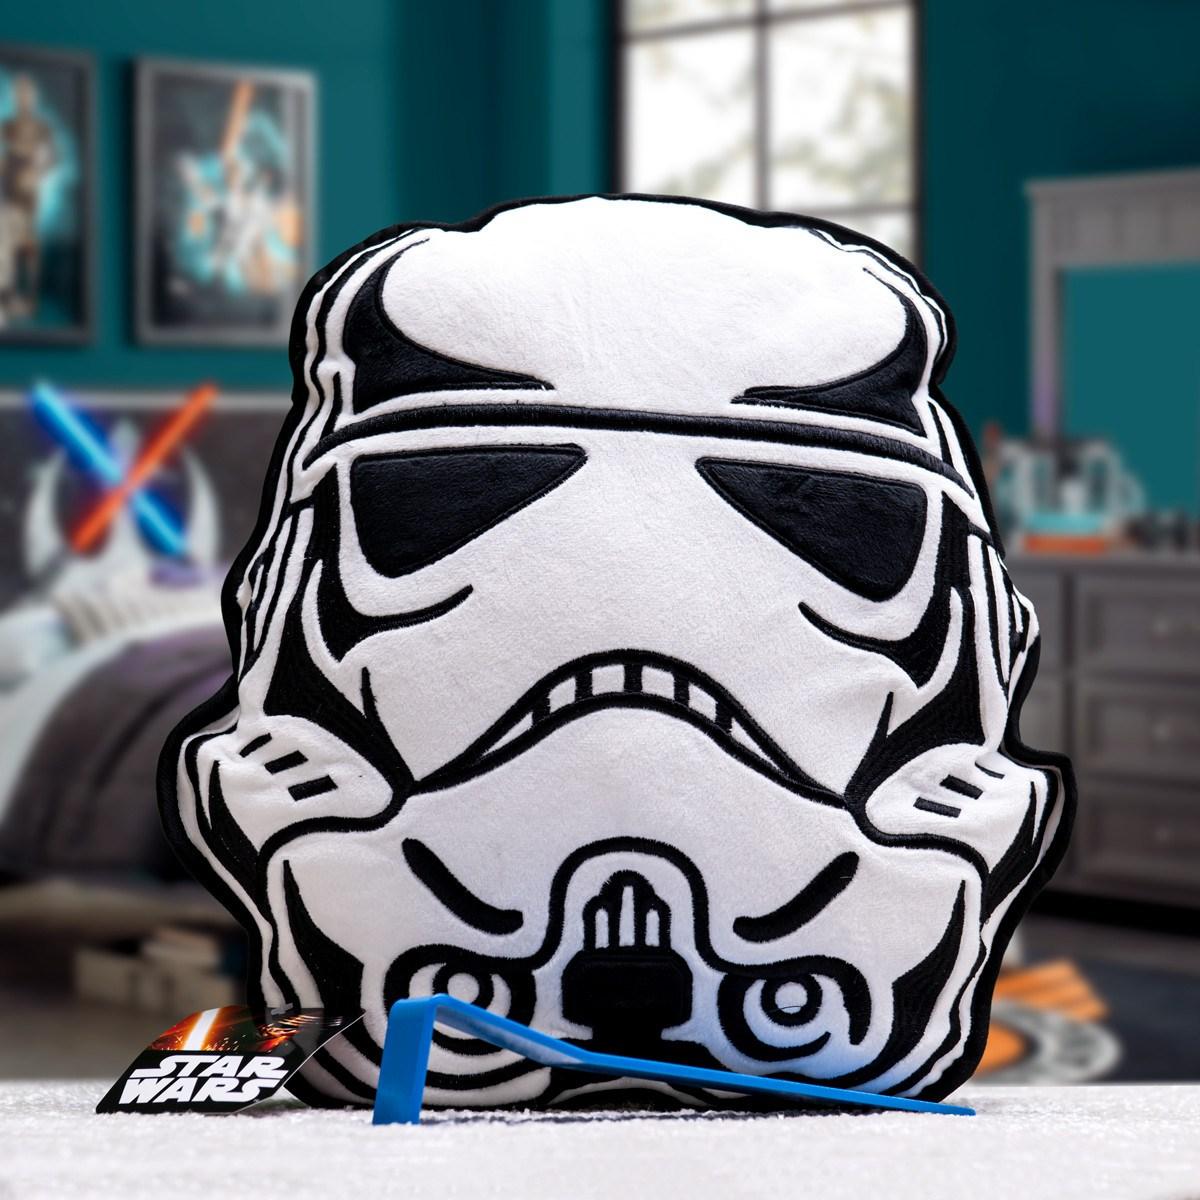 Star Wars Kidboxeo XXL